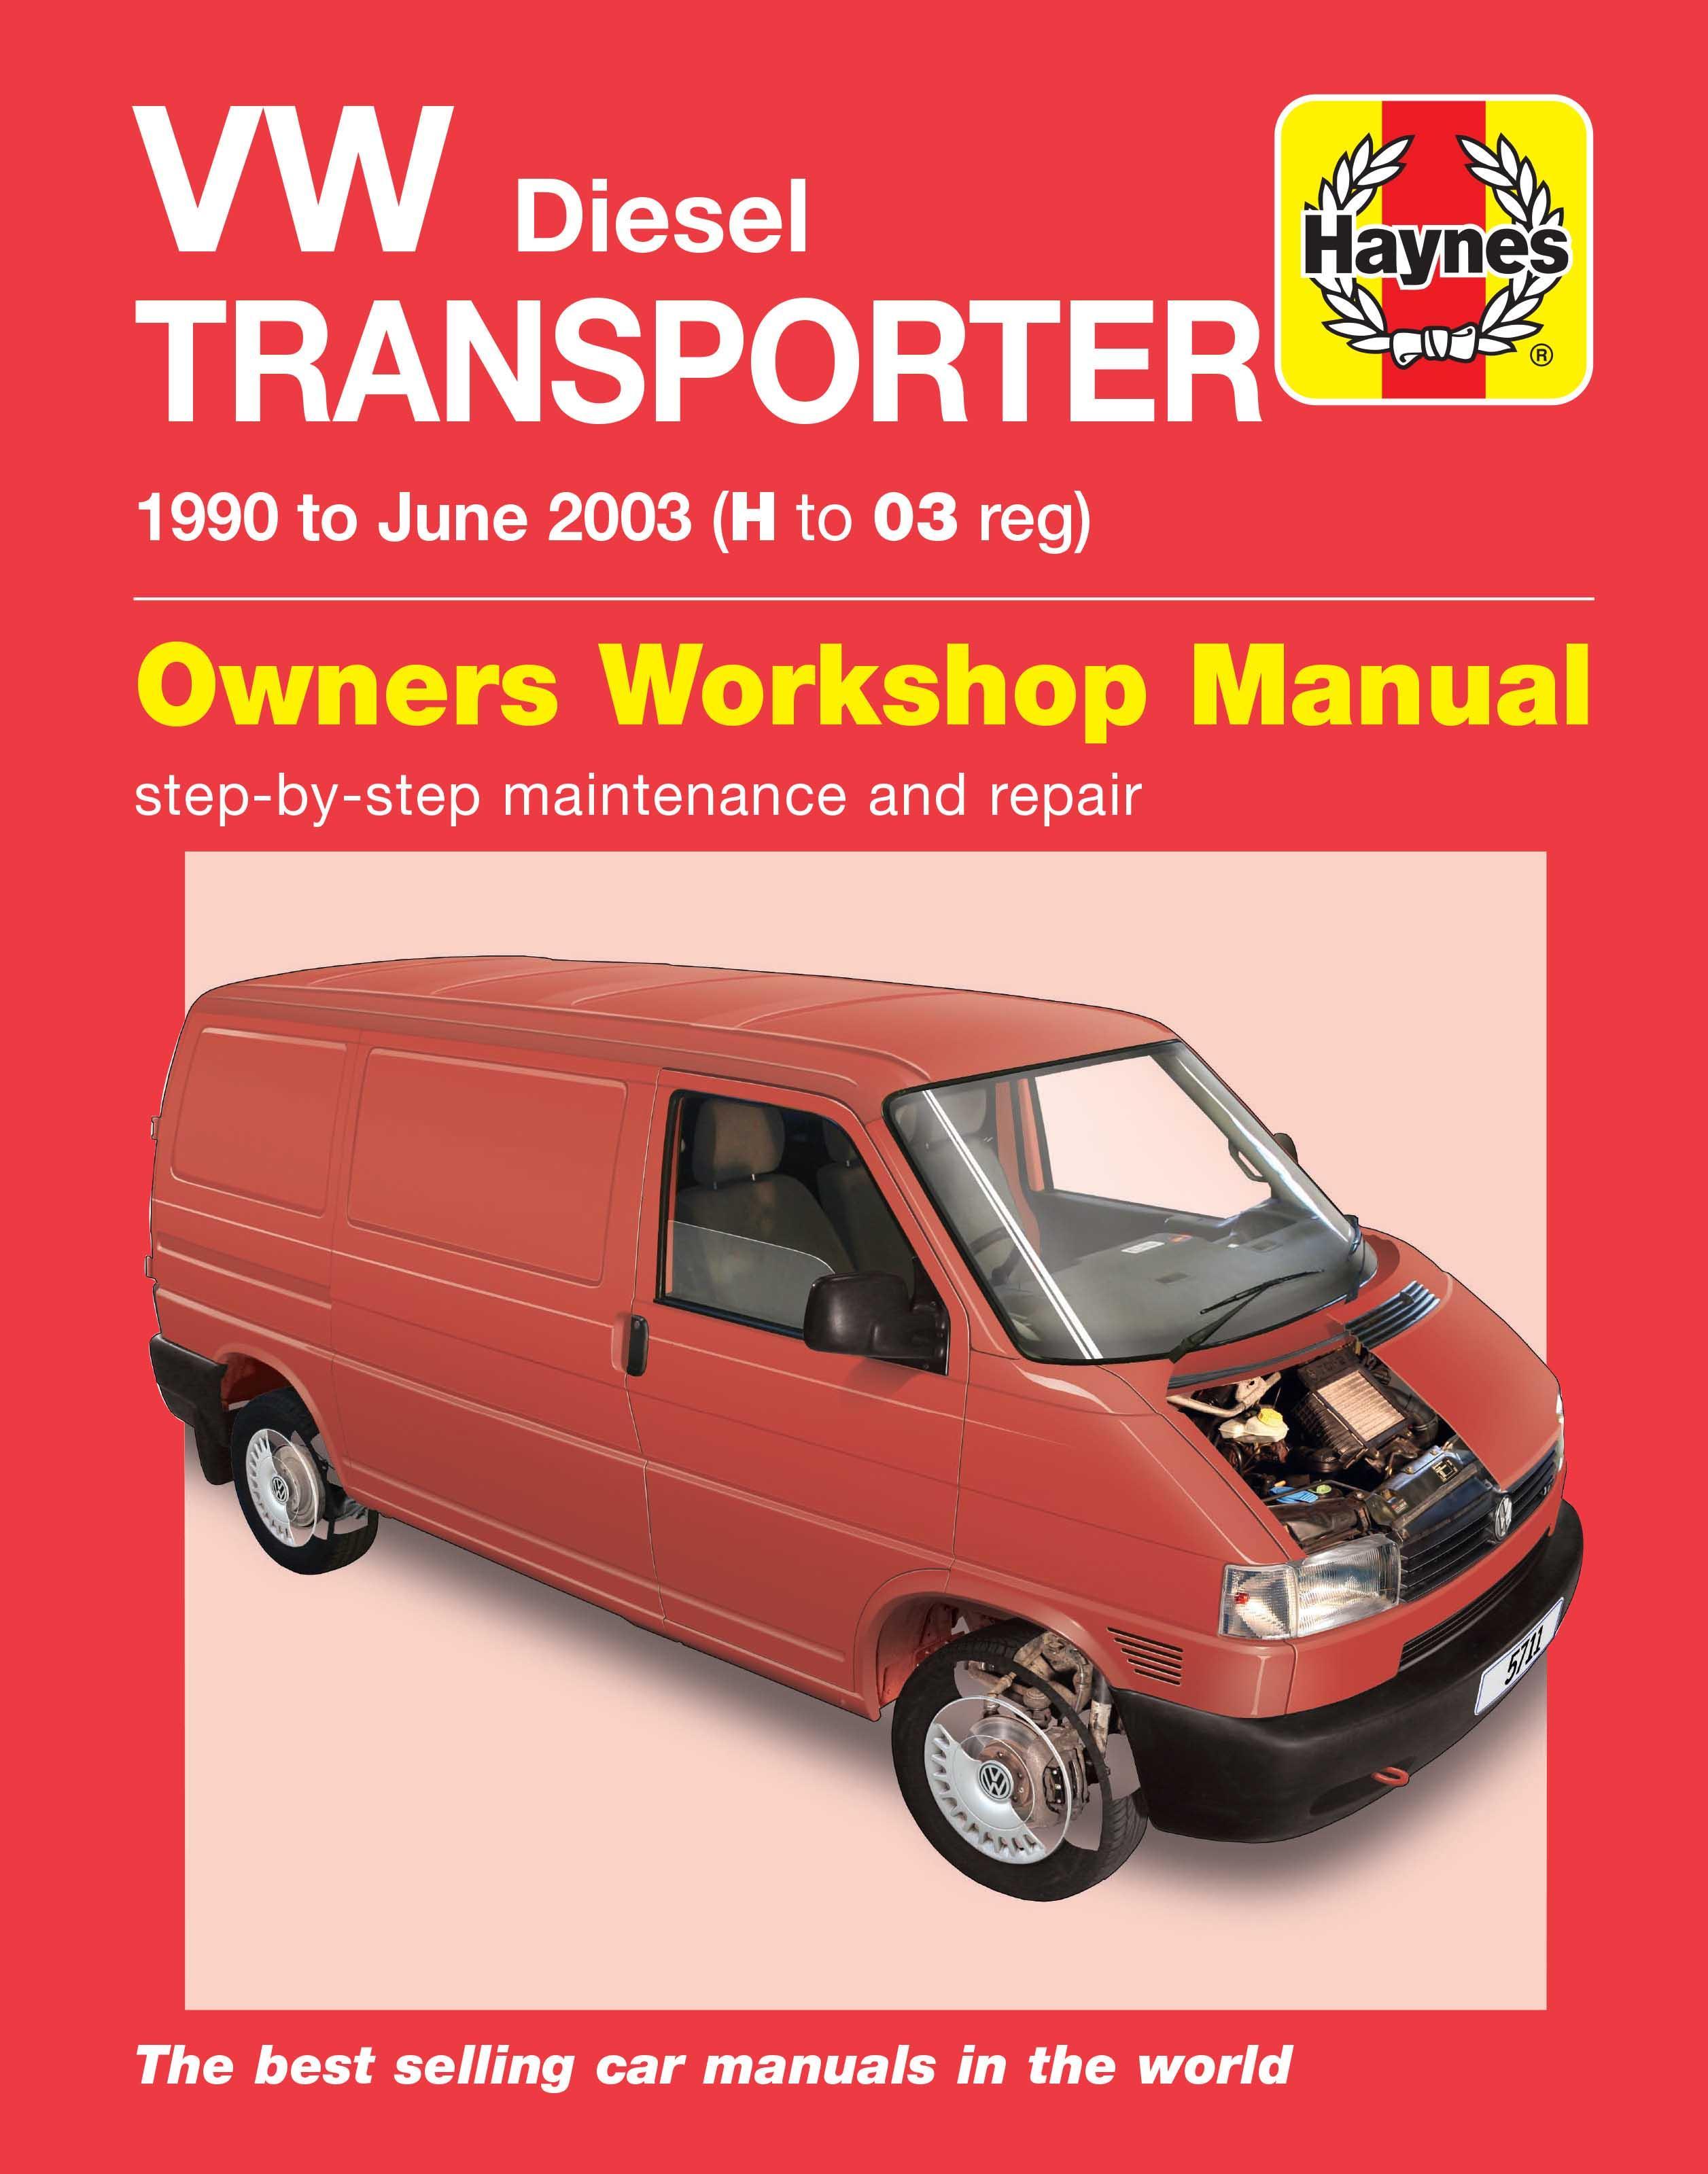 haynes manual vw t4 transporter die rh halfords com VW Transporter T3 VW Transporter T5